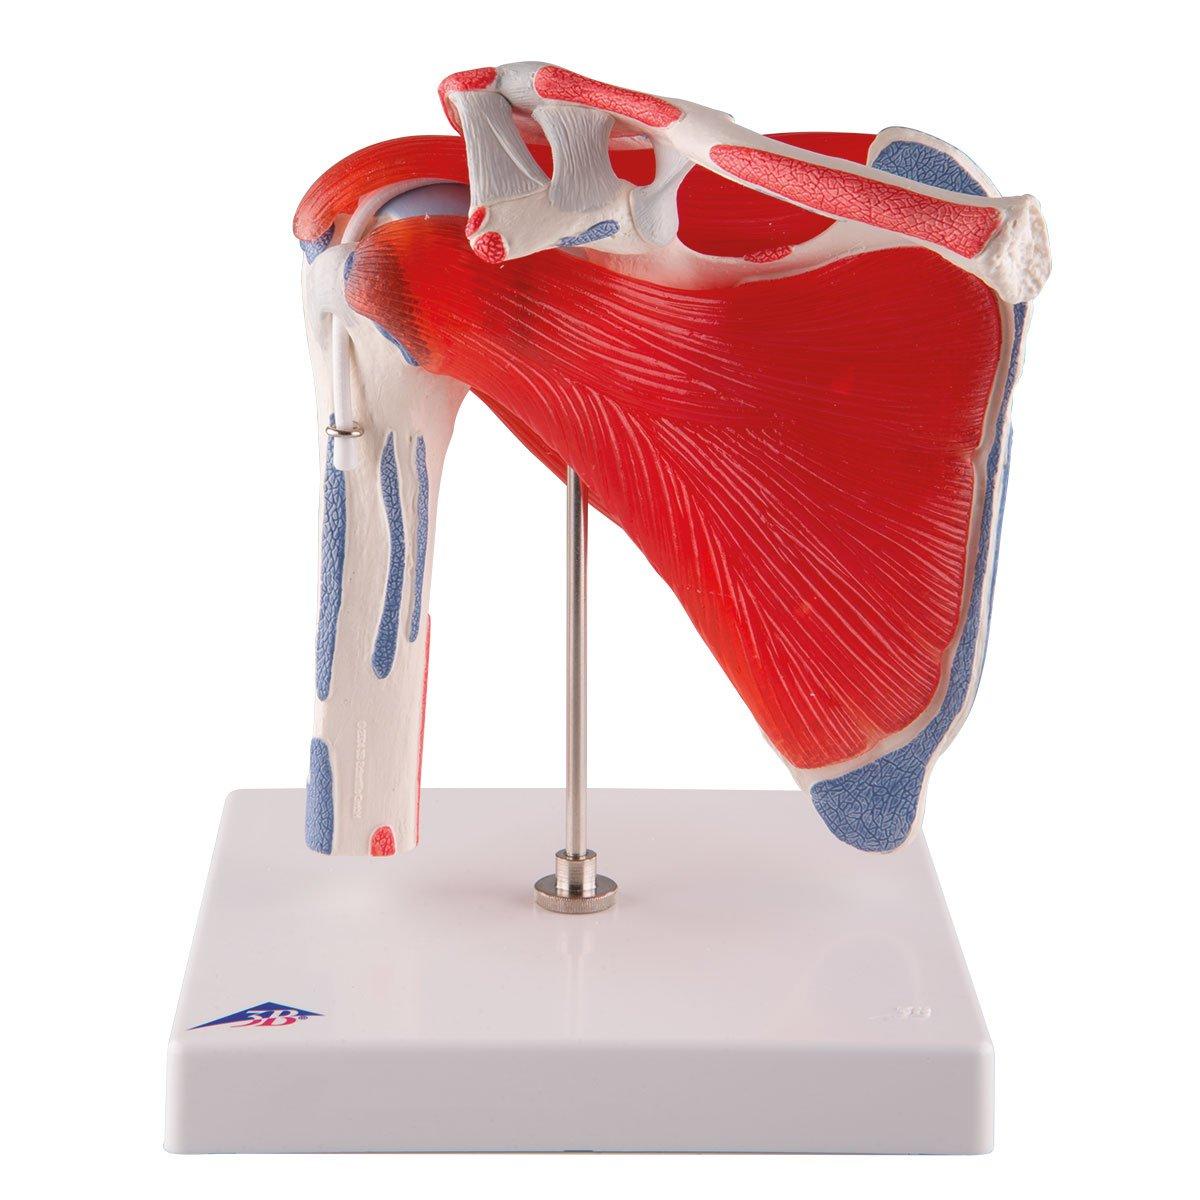 3B Scientific A880 Modelo de anatomía humana Articulación del Hombro ...